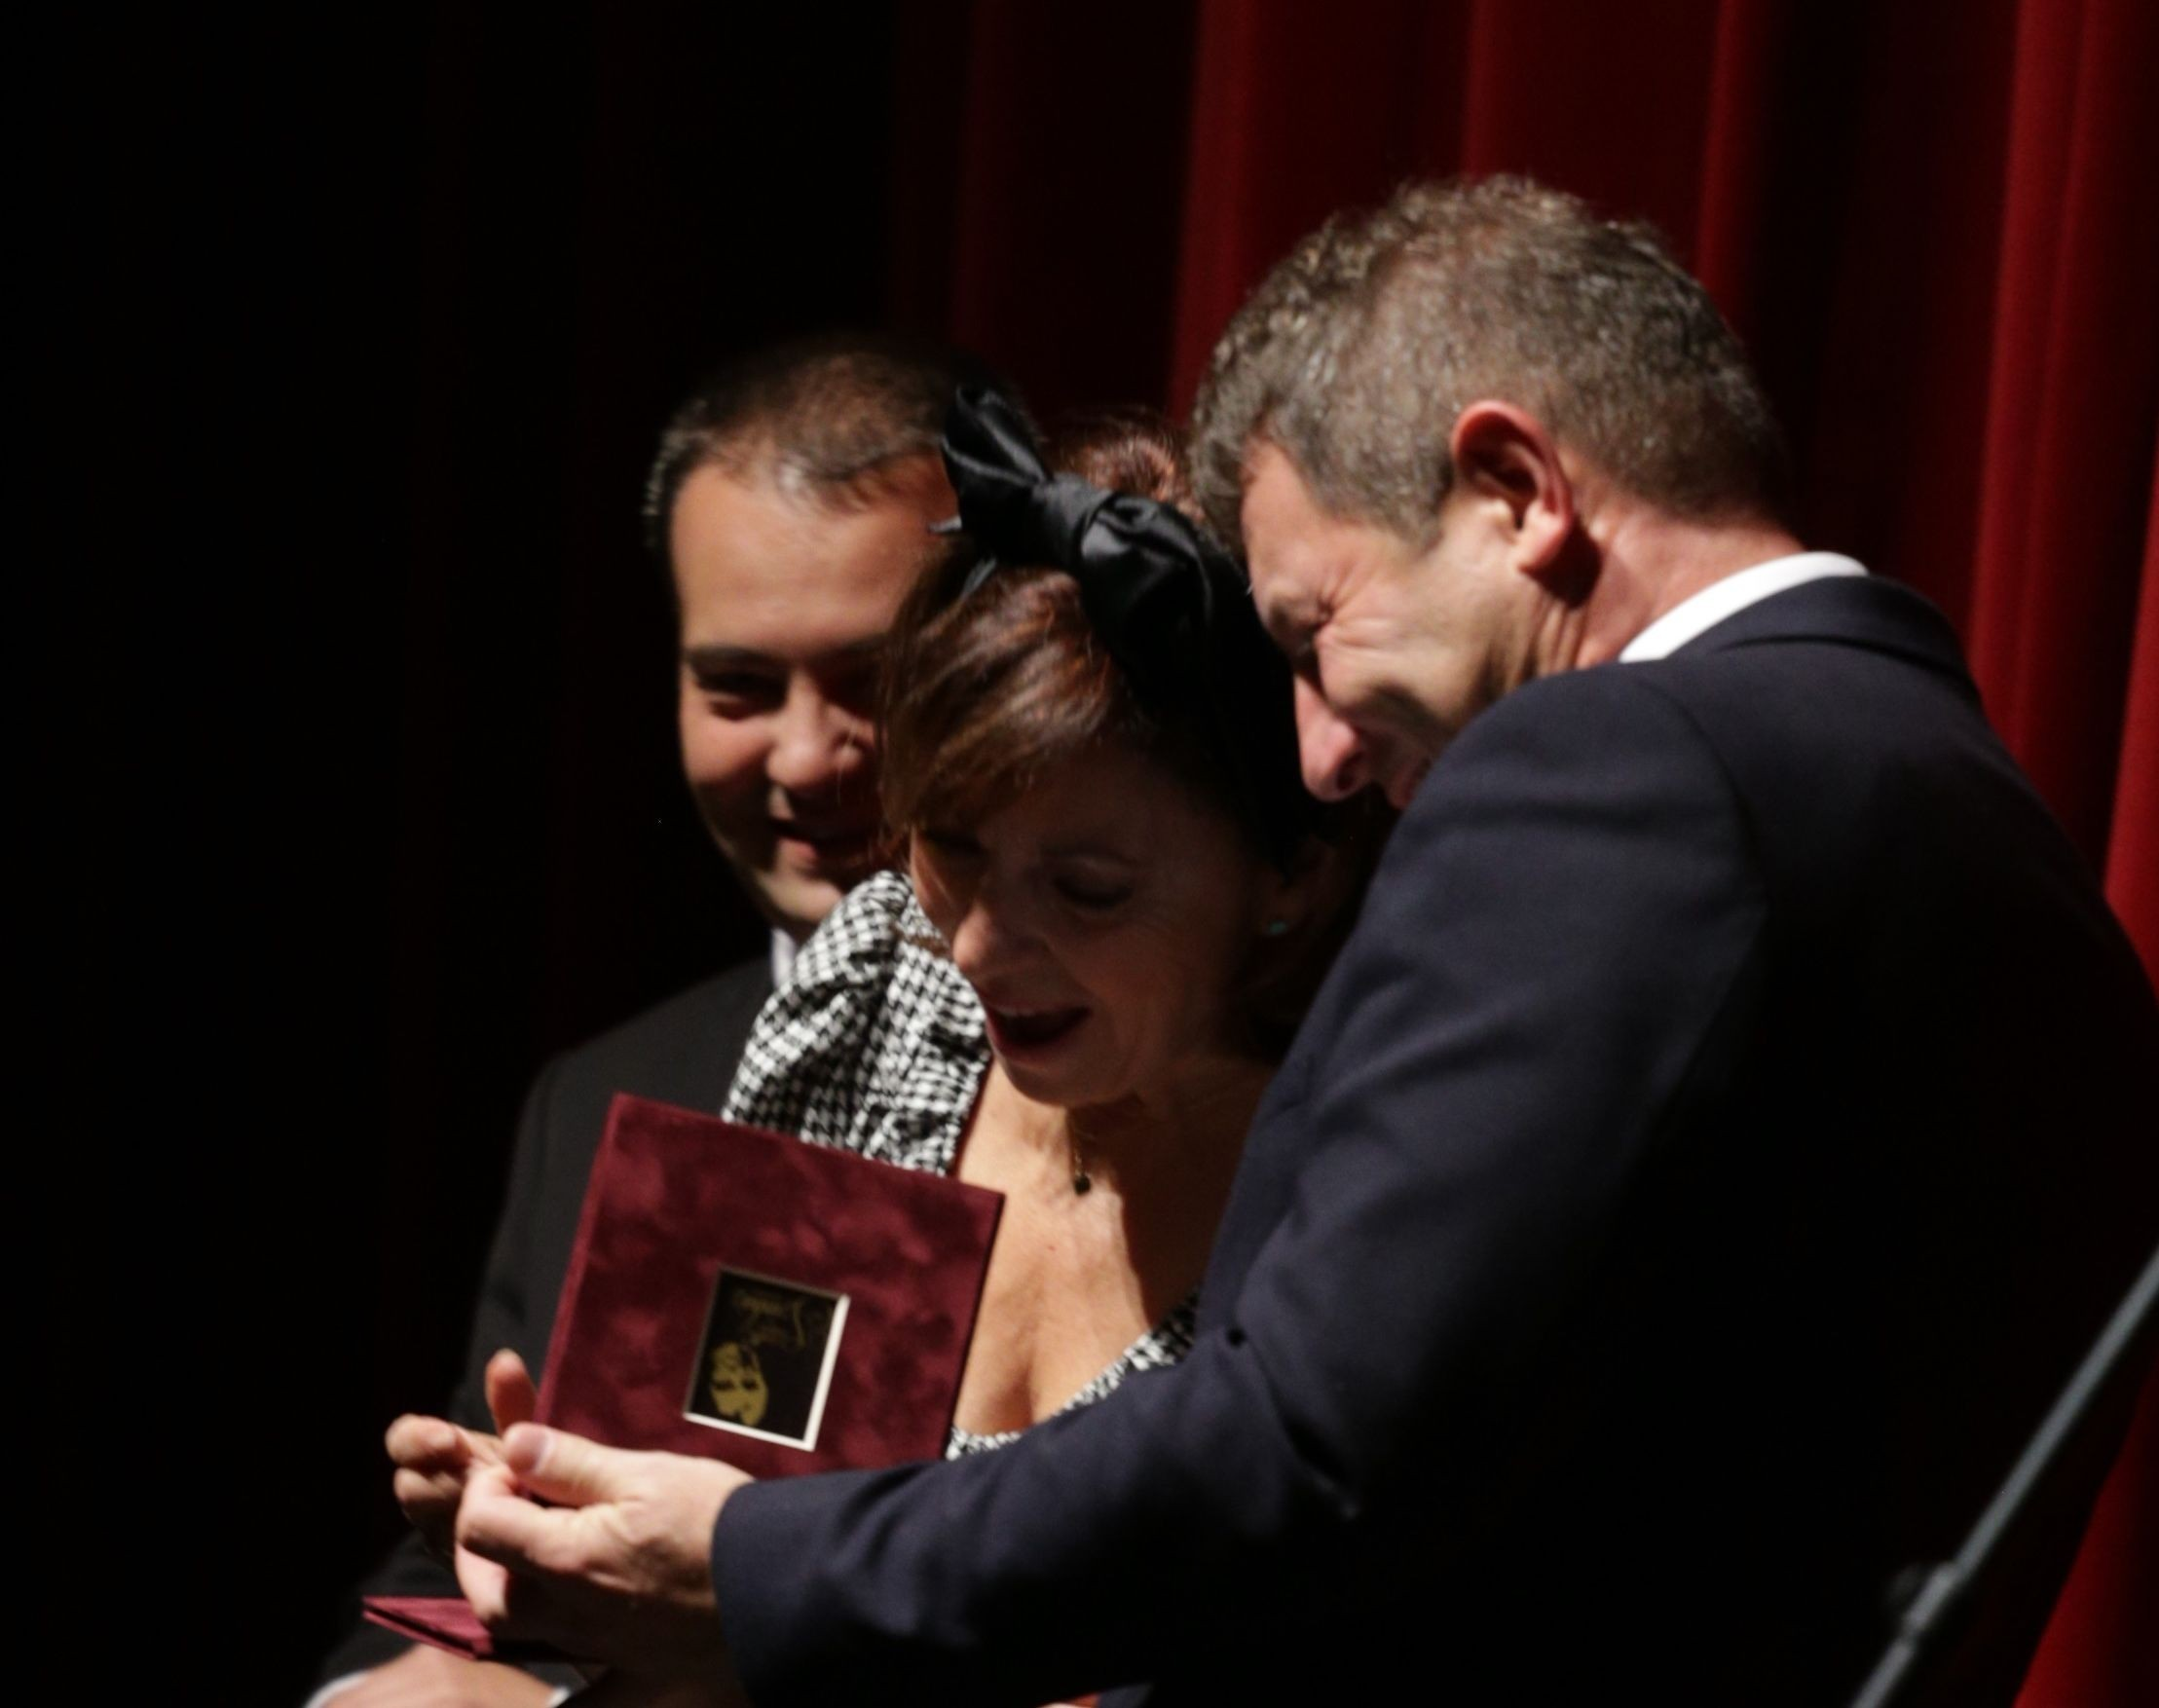 Tizedszer adták át a Zenthe színház Vastaps-díjait